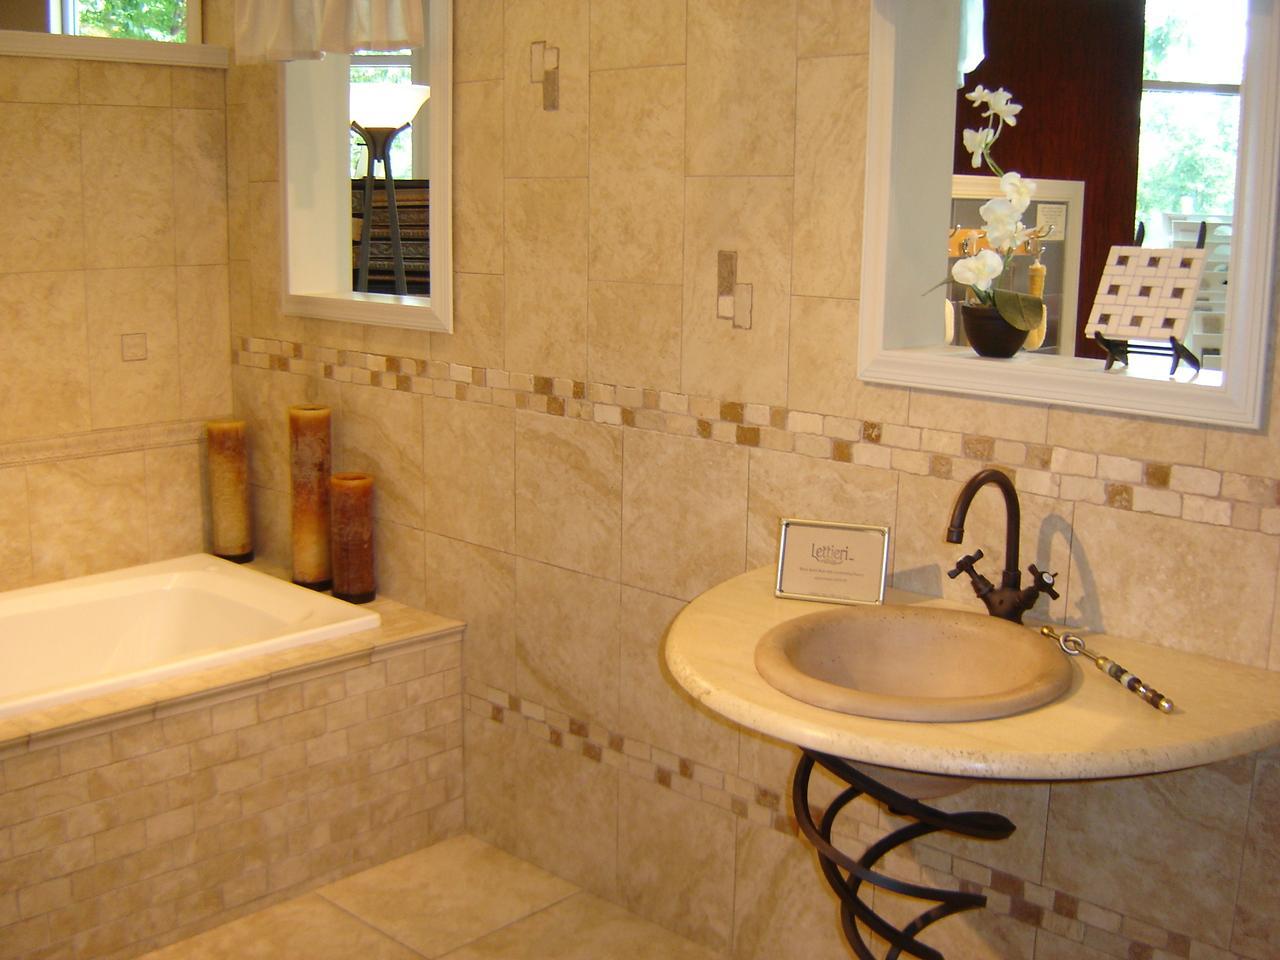 Bathroom Tile Design Ideas on Bathroom Tile Designs  id=66999